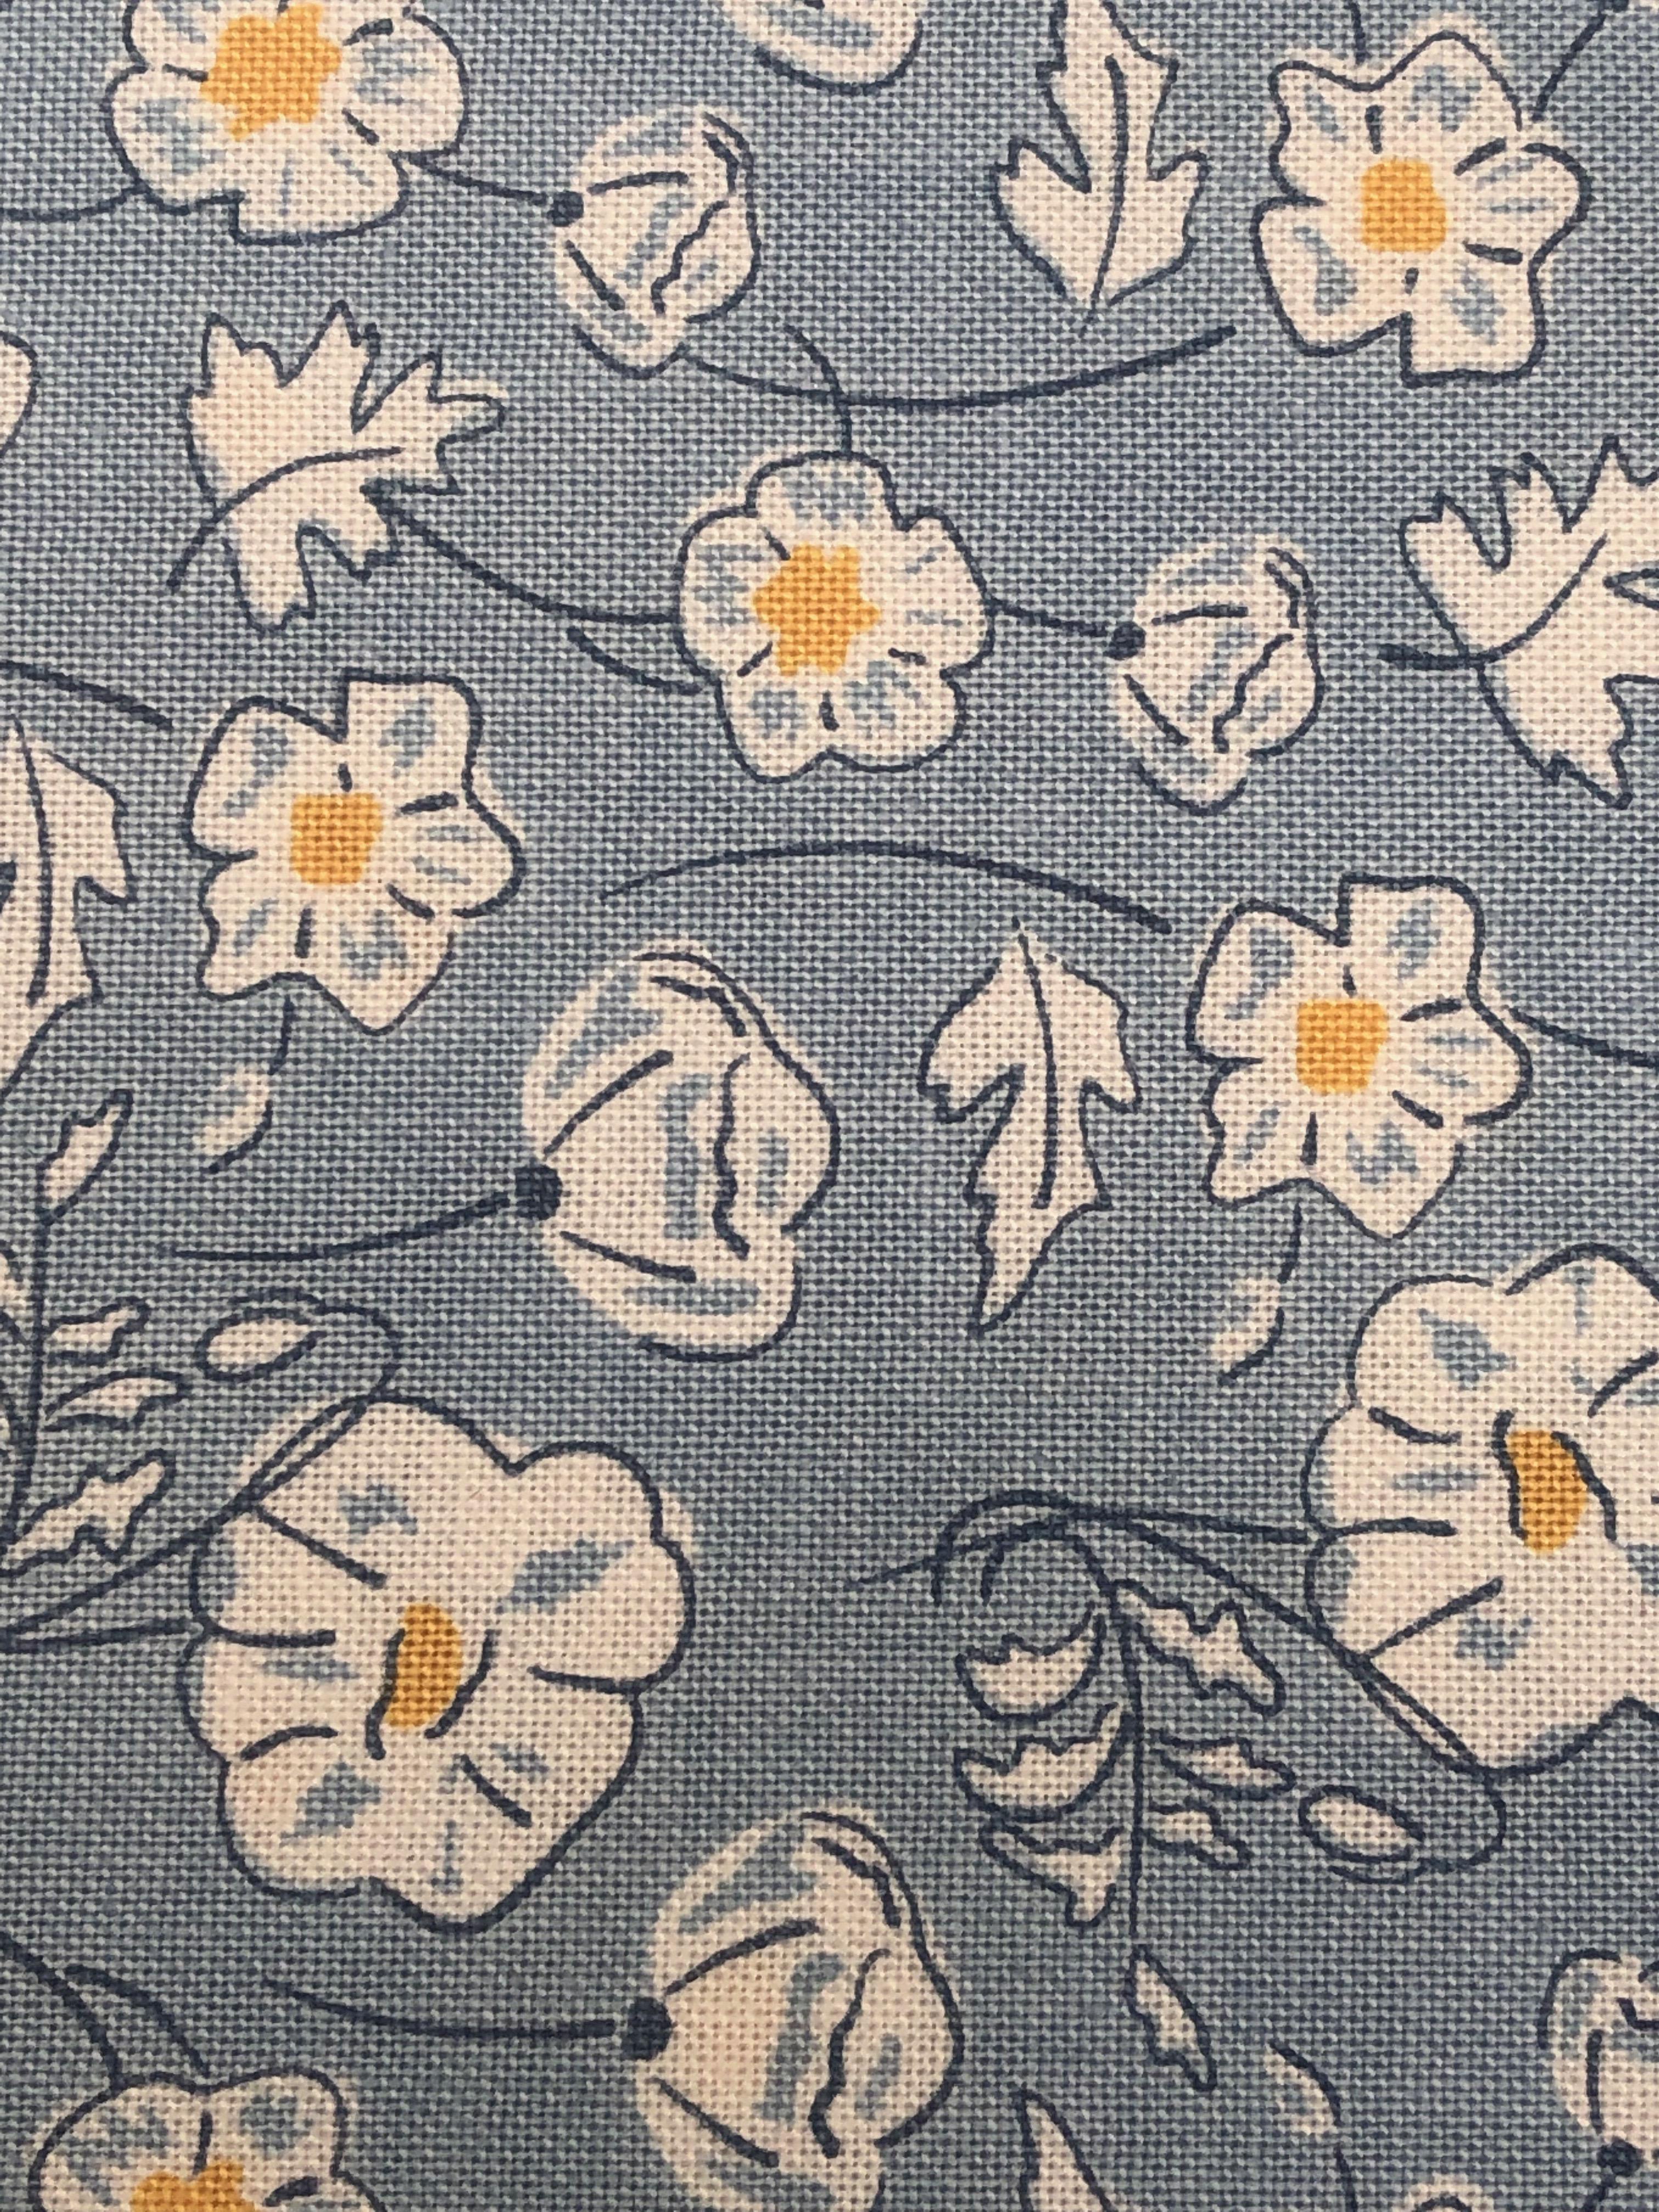 """Wide Debbie Shore Cottage Garden Lily Pad Fabric 100/% Soft Cotton 44/"""" 112cm"""